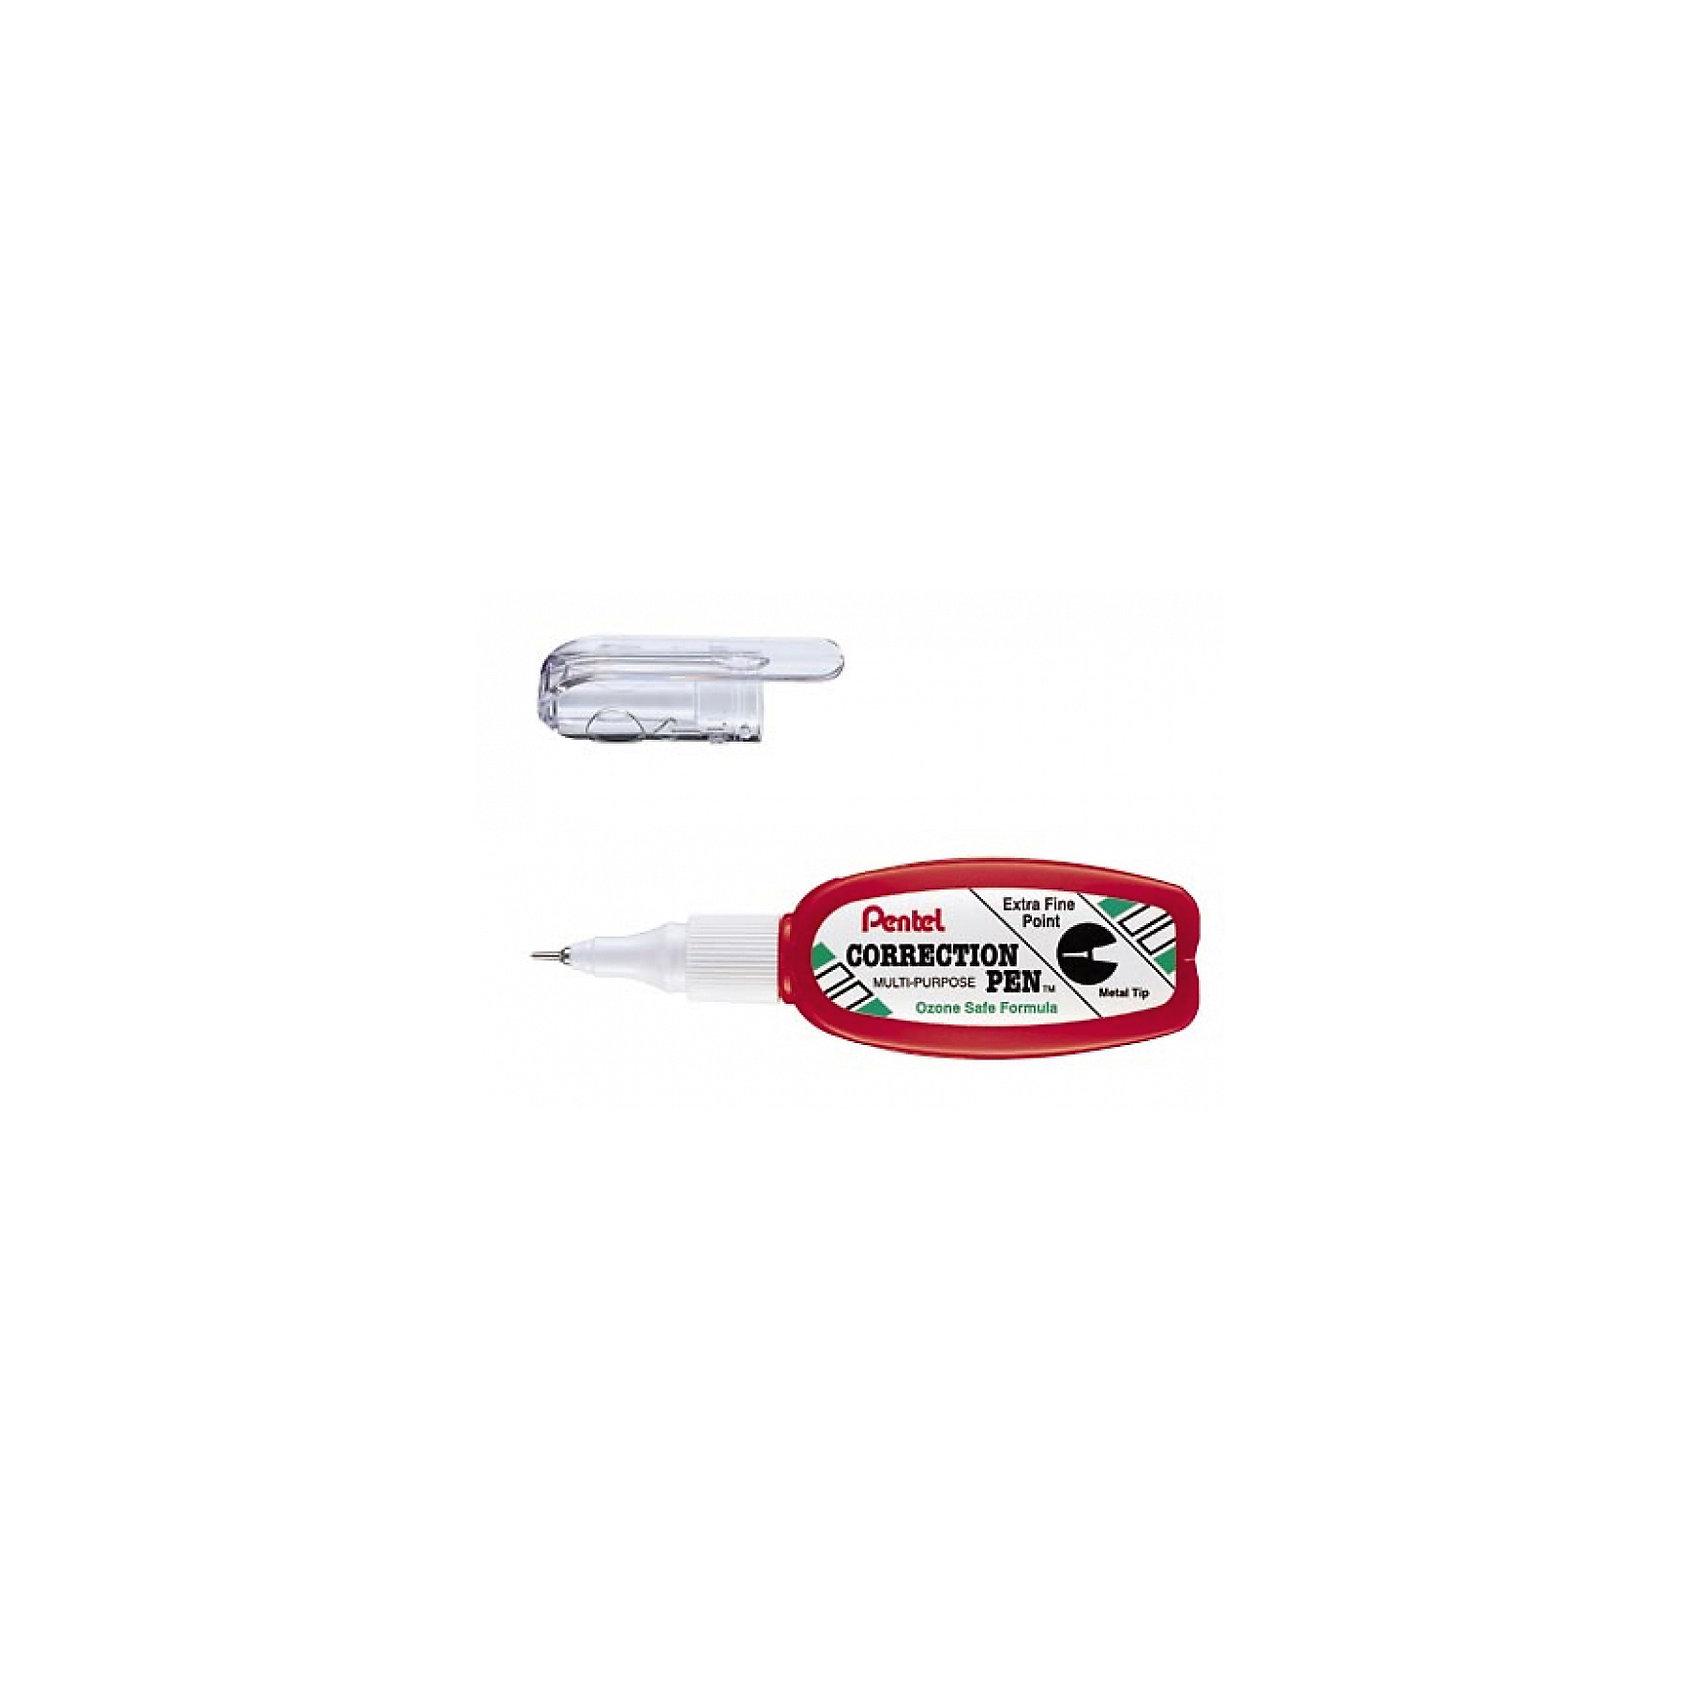 Корректор EXTRA FINE POINT 4.2 мл, 0,5 мм в блистере  PentelШкольные аксессуары<br>Характеристики:<br><br>• возраст: от 6 лет<br>• площадь коррекции: 378 кв. см.<br>• толщина линии: 0,5 мм.<br>• объем: 4,2 мл.<br>• металлический наконечник<br>• материал корпуса: пластик<br>• упаковка: блистер<br><br>Специализированный, многофункциональный корректор «Extra Fine Point» поможет вам аккуратно исправить ошибки и опечатки, благодаря очень тонкому металлическому наконечнику. Жидкость покрывает даже минимальную поверхность, быстро сохнет, мягко ложится на бумагу, обеспечивая гладкое ровное покрытие.<br><br>Корректор небольшого размера поместится в любой карман или сумку. Функциональный клип, расположенный на насадке предотвращает высыхание жидкости и позволяет безопасно перемещать корректор с места на место.<br><br>Корректор водоустойчив, без запаха, не токсичен. Удобный пластиковый корпус позволяет использовать корректор до последней капли жидкости.<br><br>Корректор EXTRA FINE POINT 4.2 мл, 0,5 мм в блистере Pentel (Пентел) можно купить в нашем интернет-магазине.<br><br>Ширина мм: 50<br>Глубина мм: 150<br>Высота мм: 210<br>Вес г: 65<br>Возраст от месяцев: 72<br>Возраст до месяцев: 2147483647<br>Пол: Унисекс<br>Возраст: Детский<br>SKU: 7010444